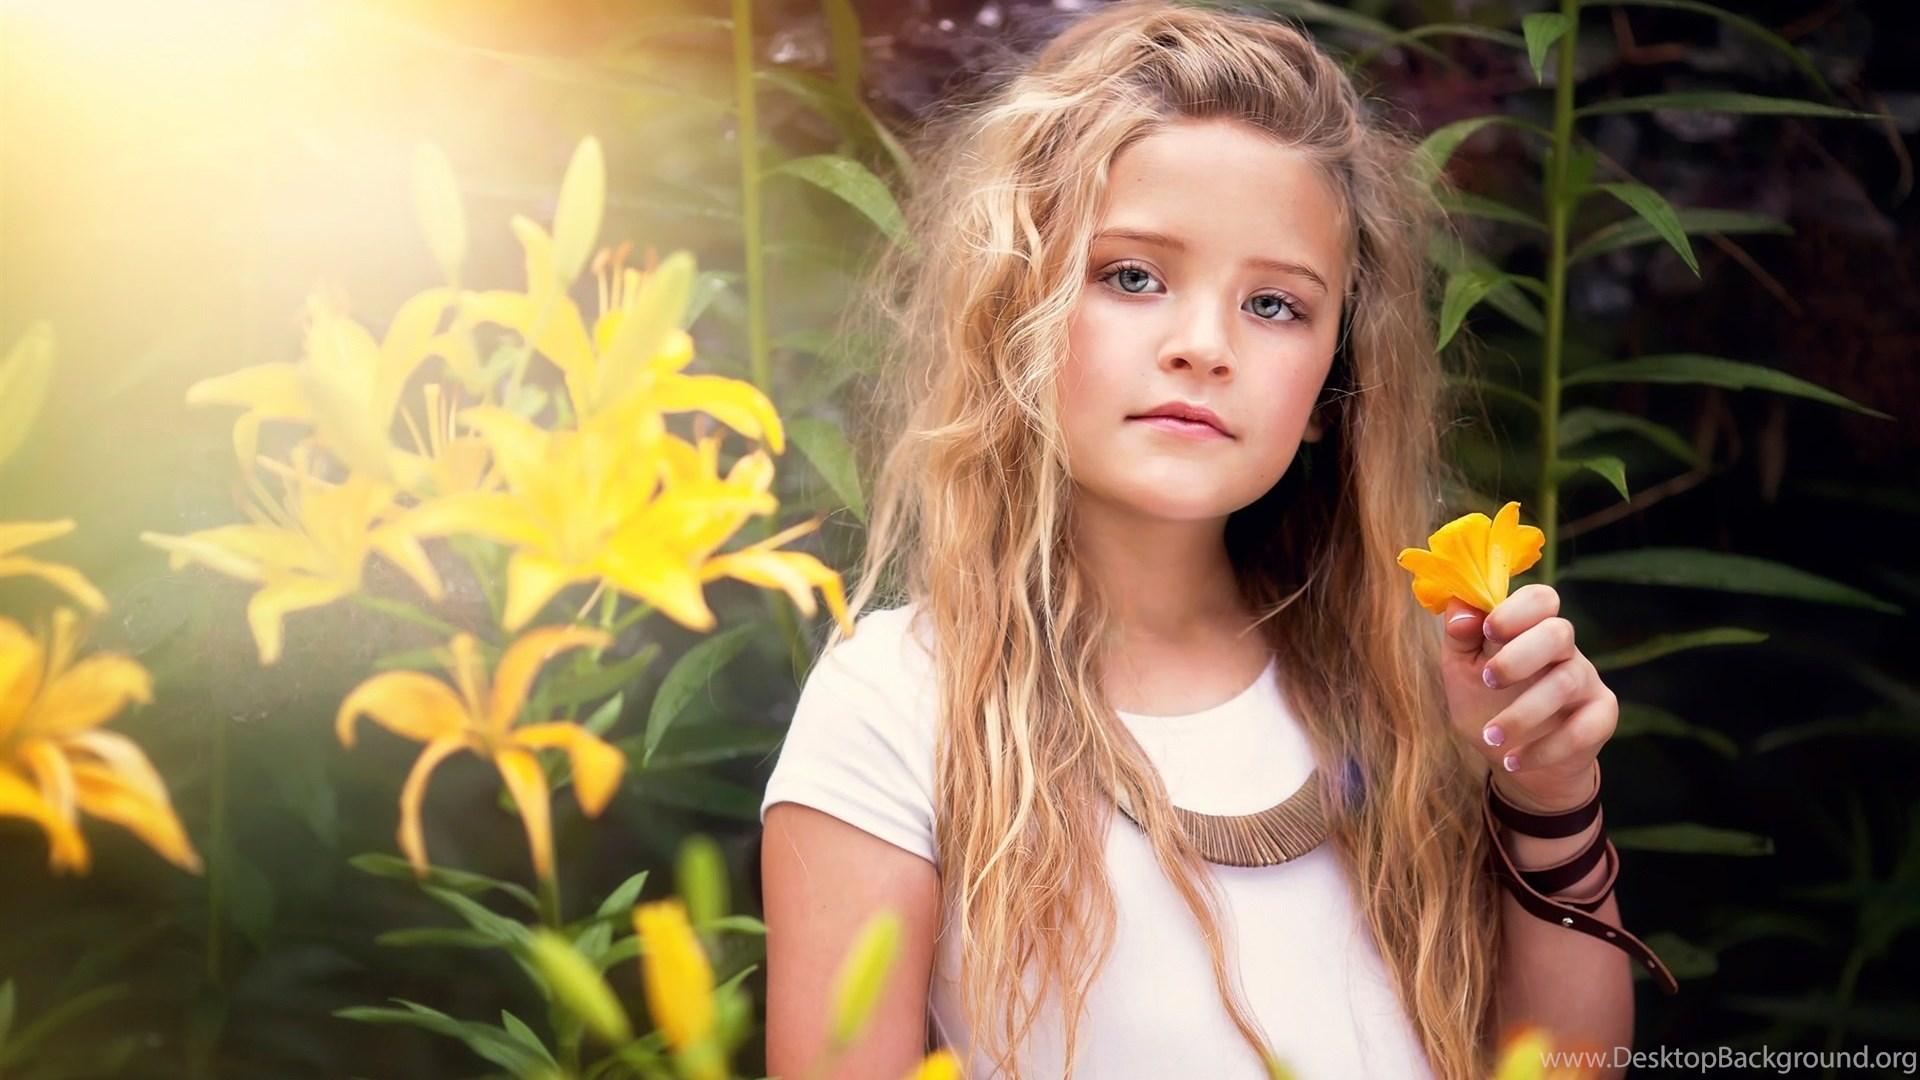 Cute Little Girl, Portrait, Yellow Flowers Wallpaper,cute - Little Girl Cute Flowers , HD Wallpaper & Backgrounds